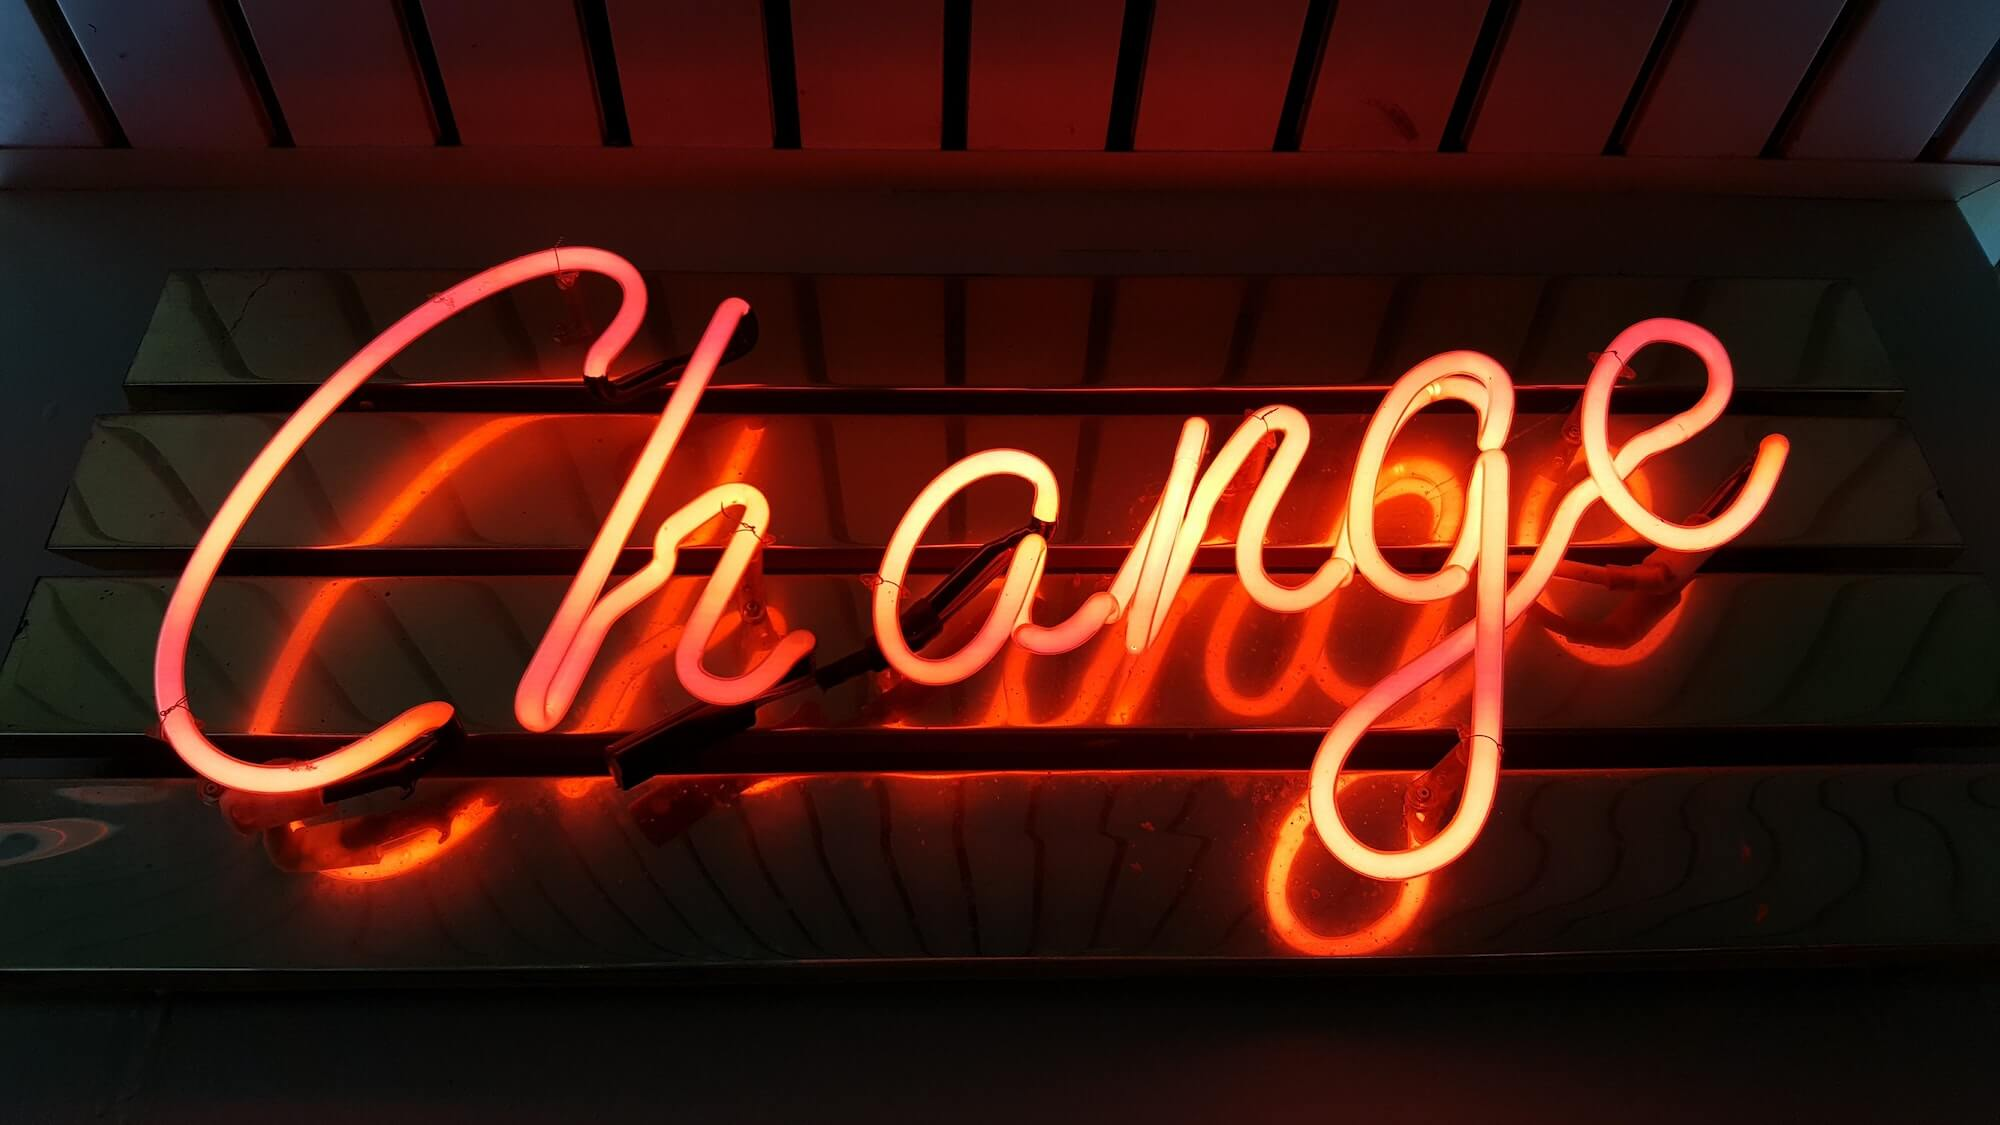 leadership mindset change innovation culture